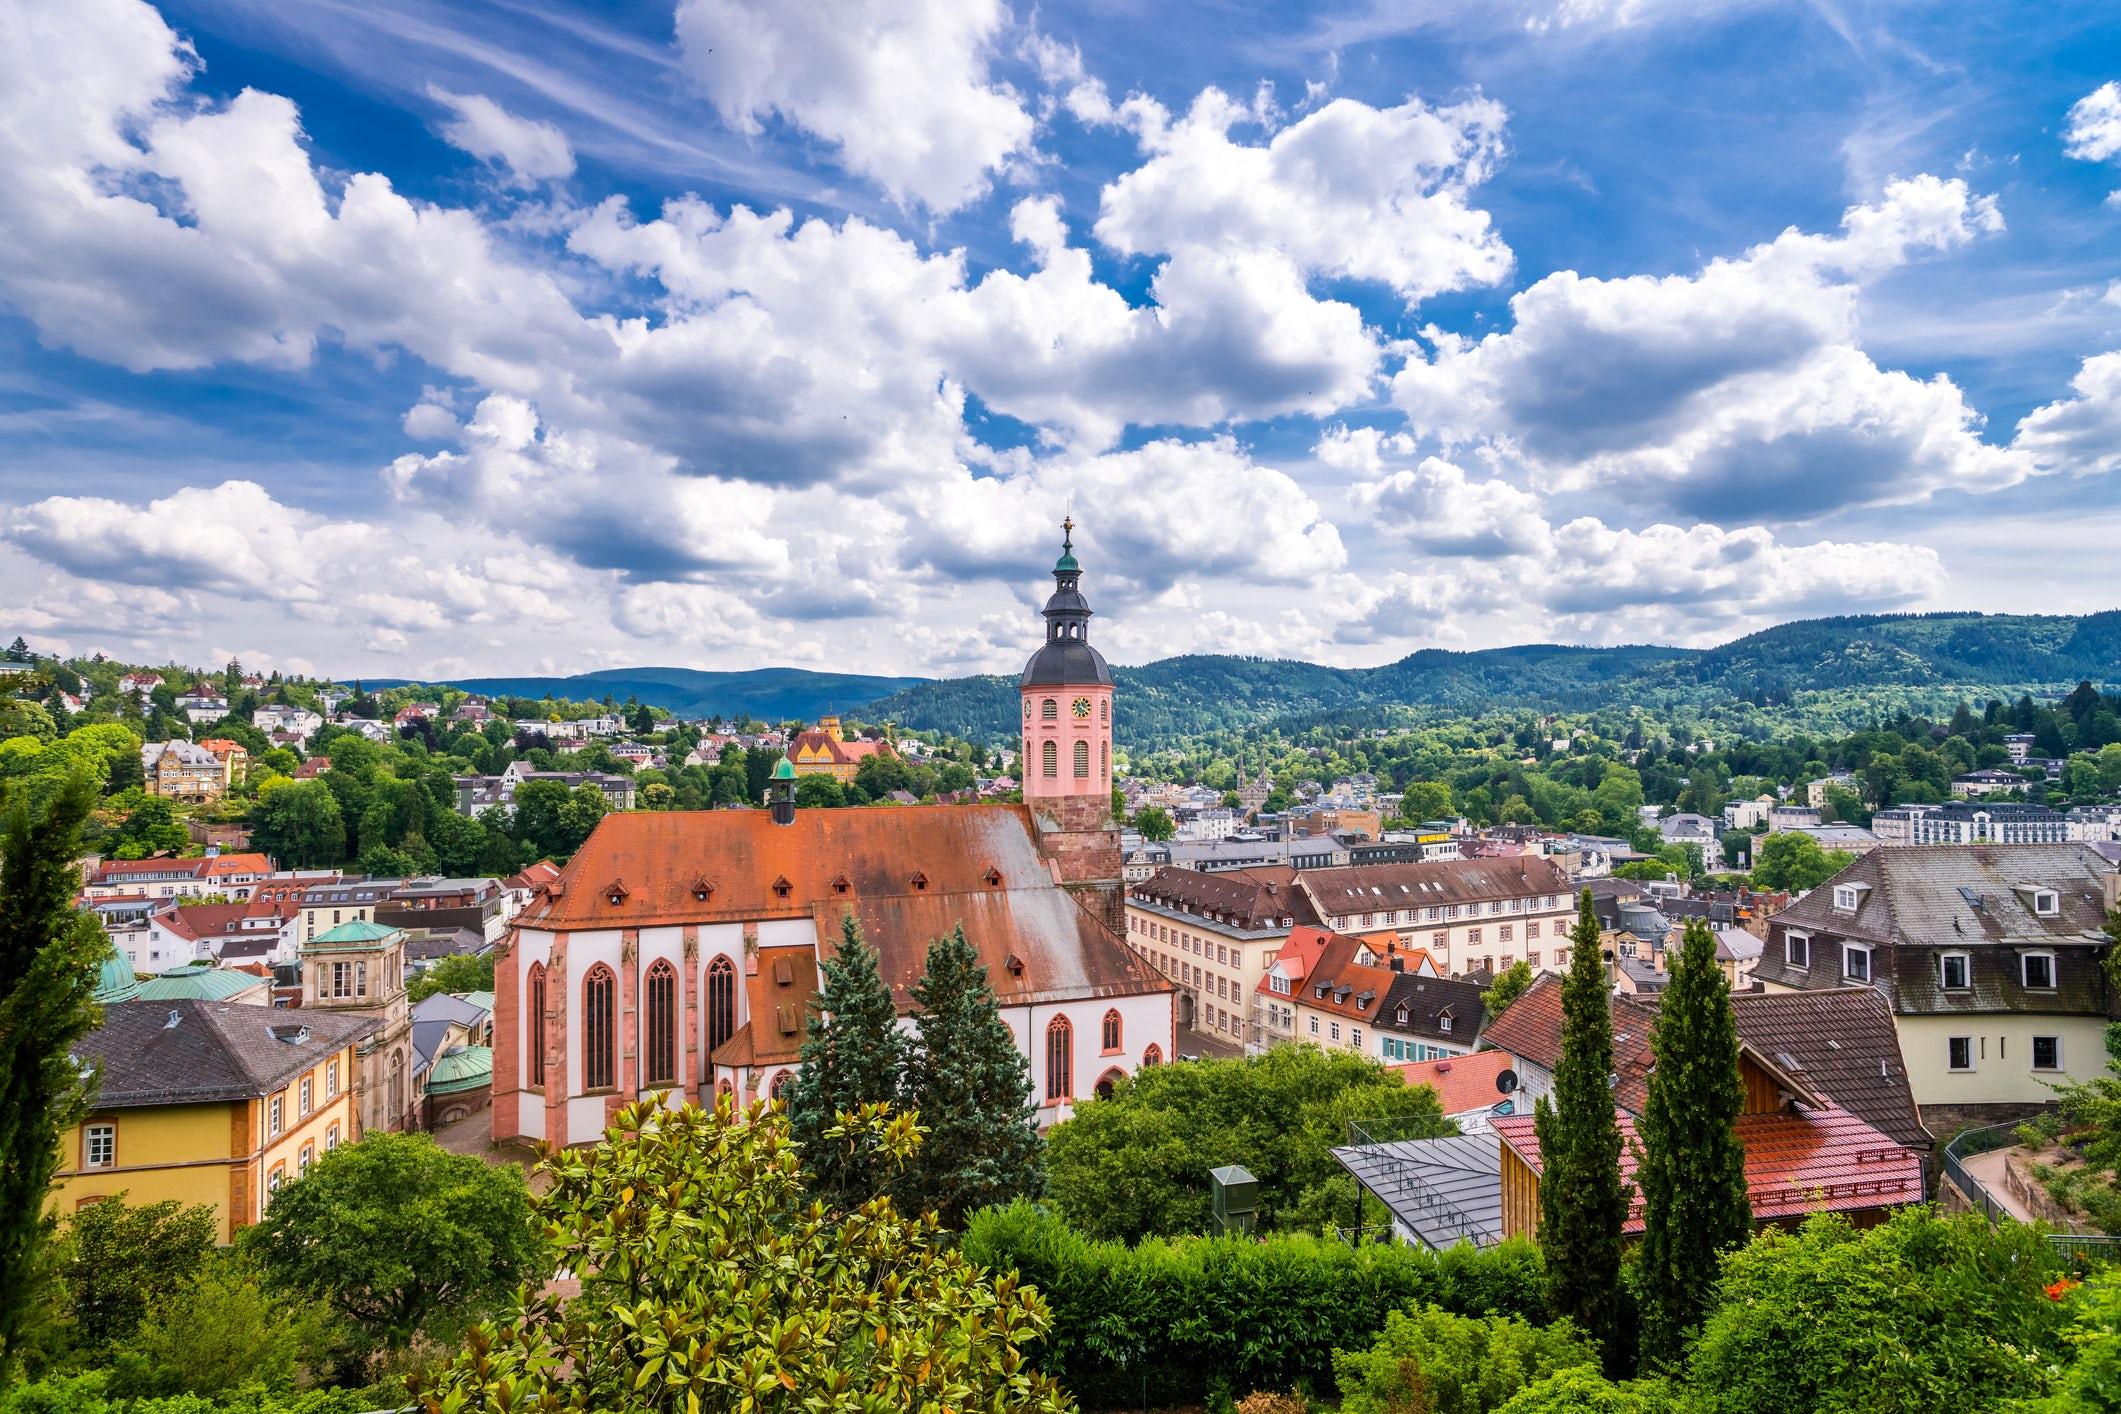 The city of spa: Baden-Baden!